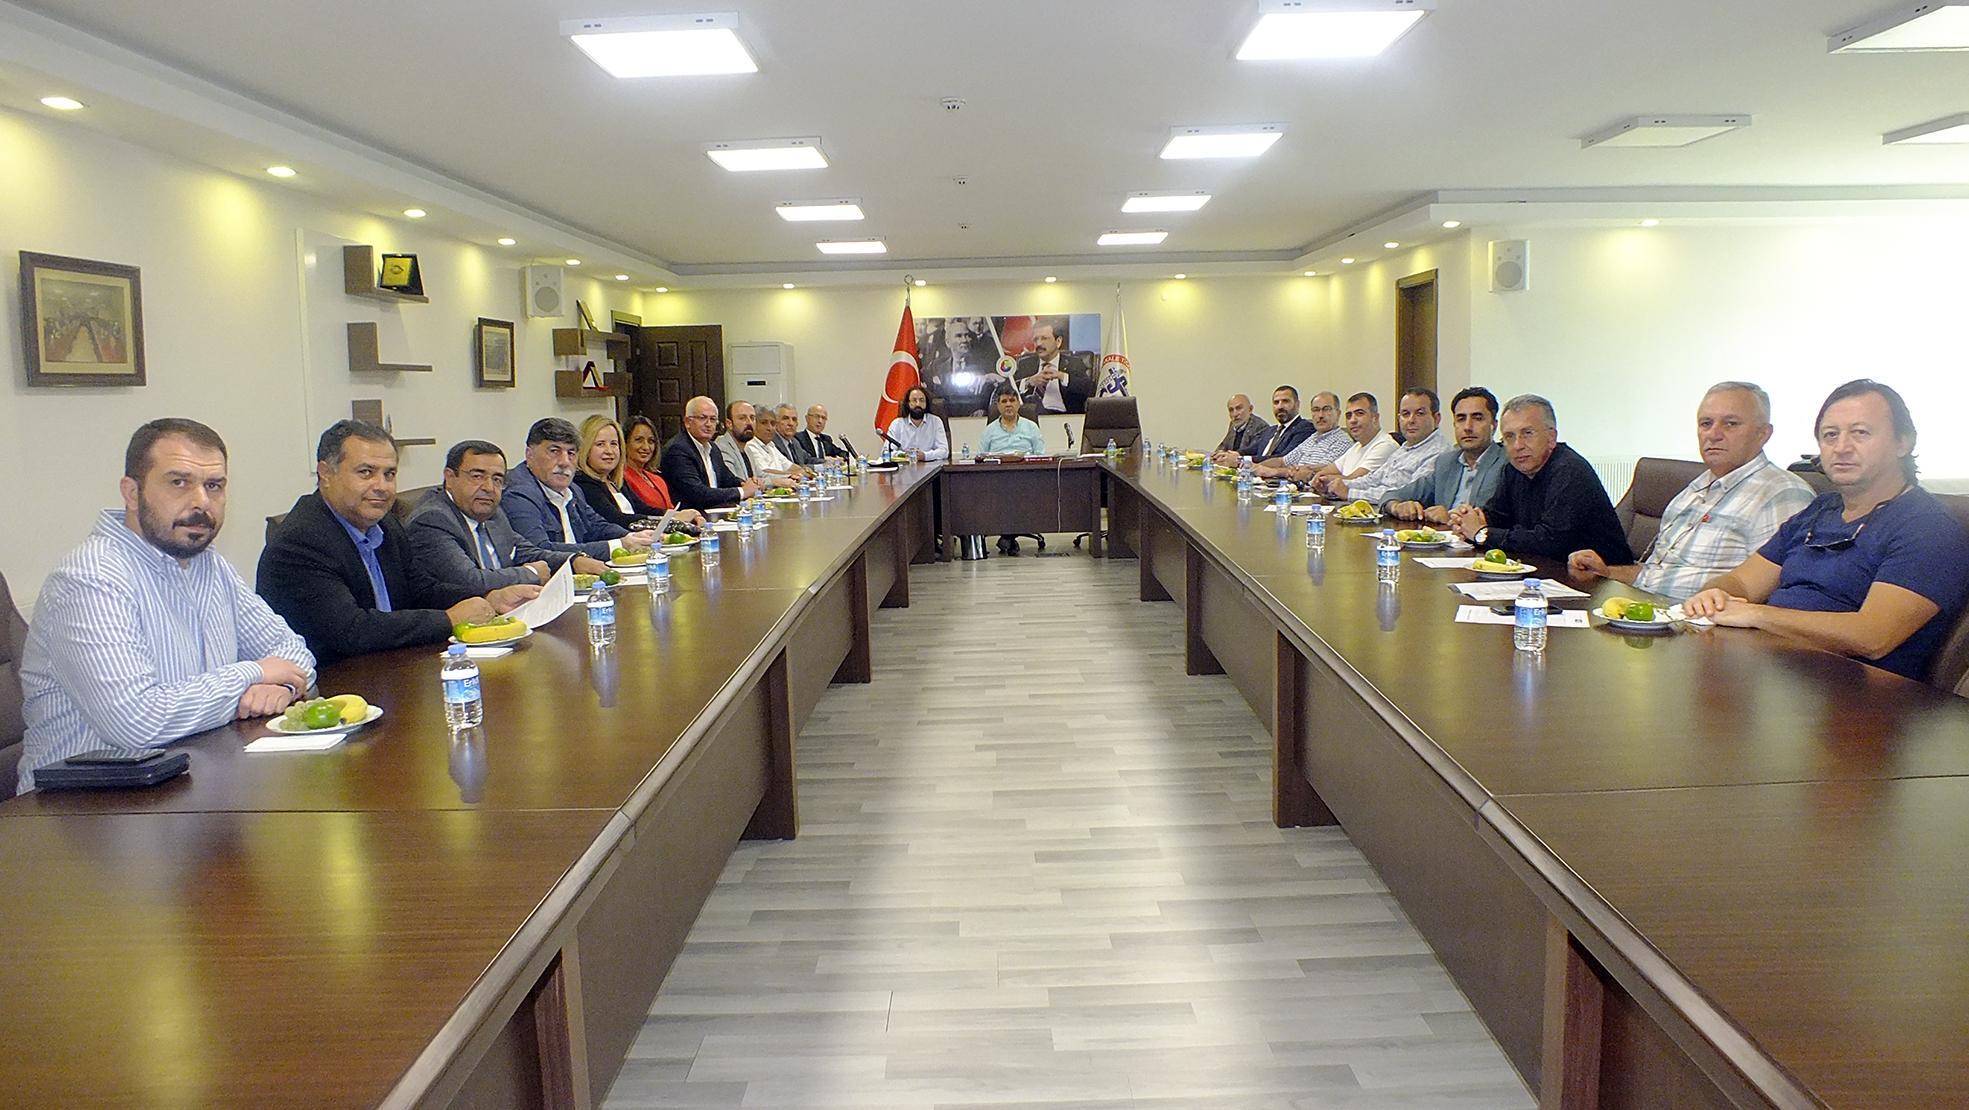 Şirket kurulumu için TSO Yönetimine yetki verildi 2 - Şirket kurulumu için TSO Yönetimine yetki verildi